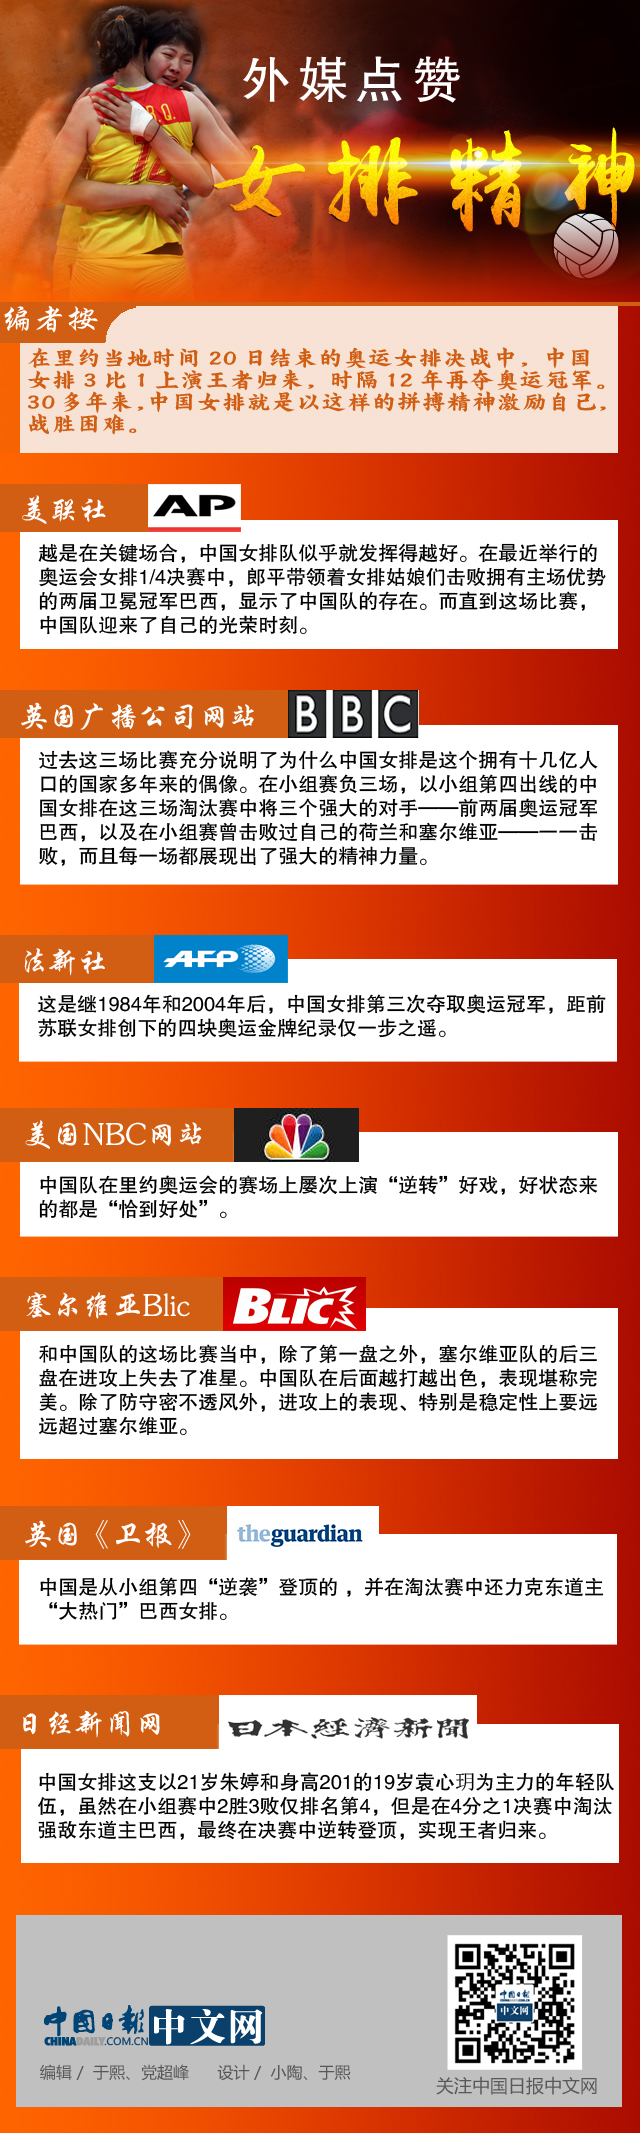 中国女排12年后再登顶 外媒点赞女排精神